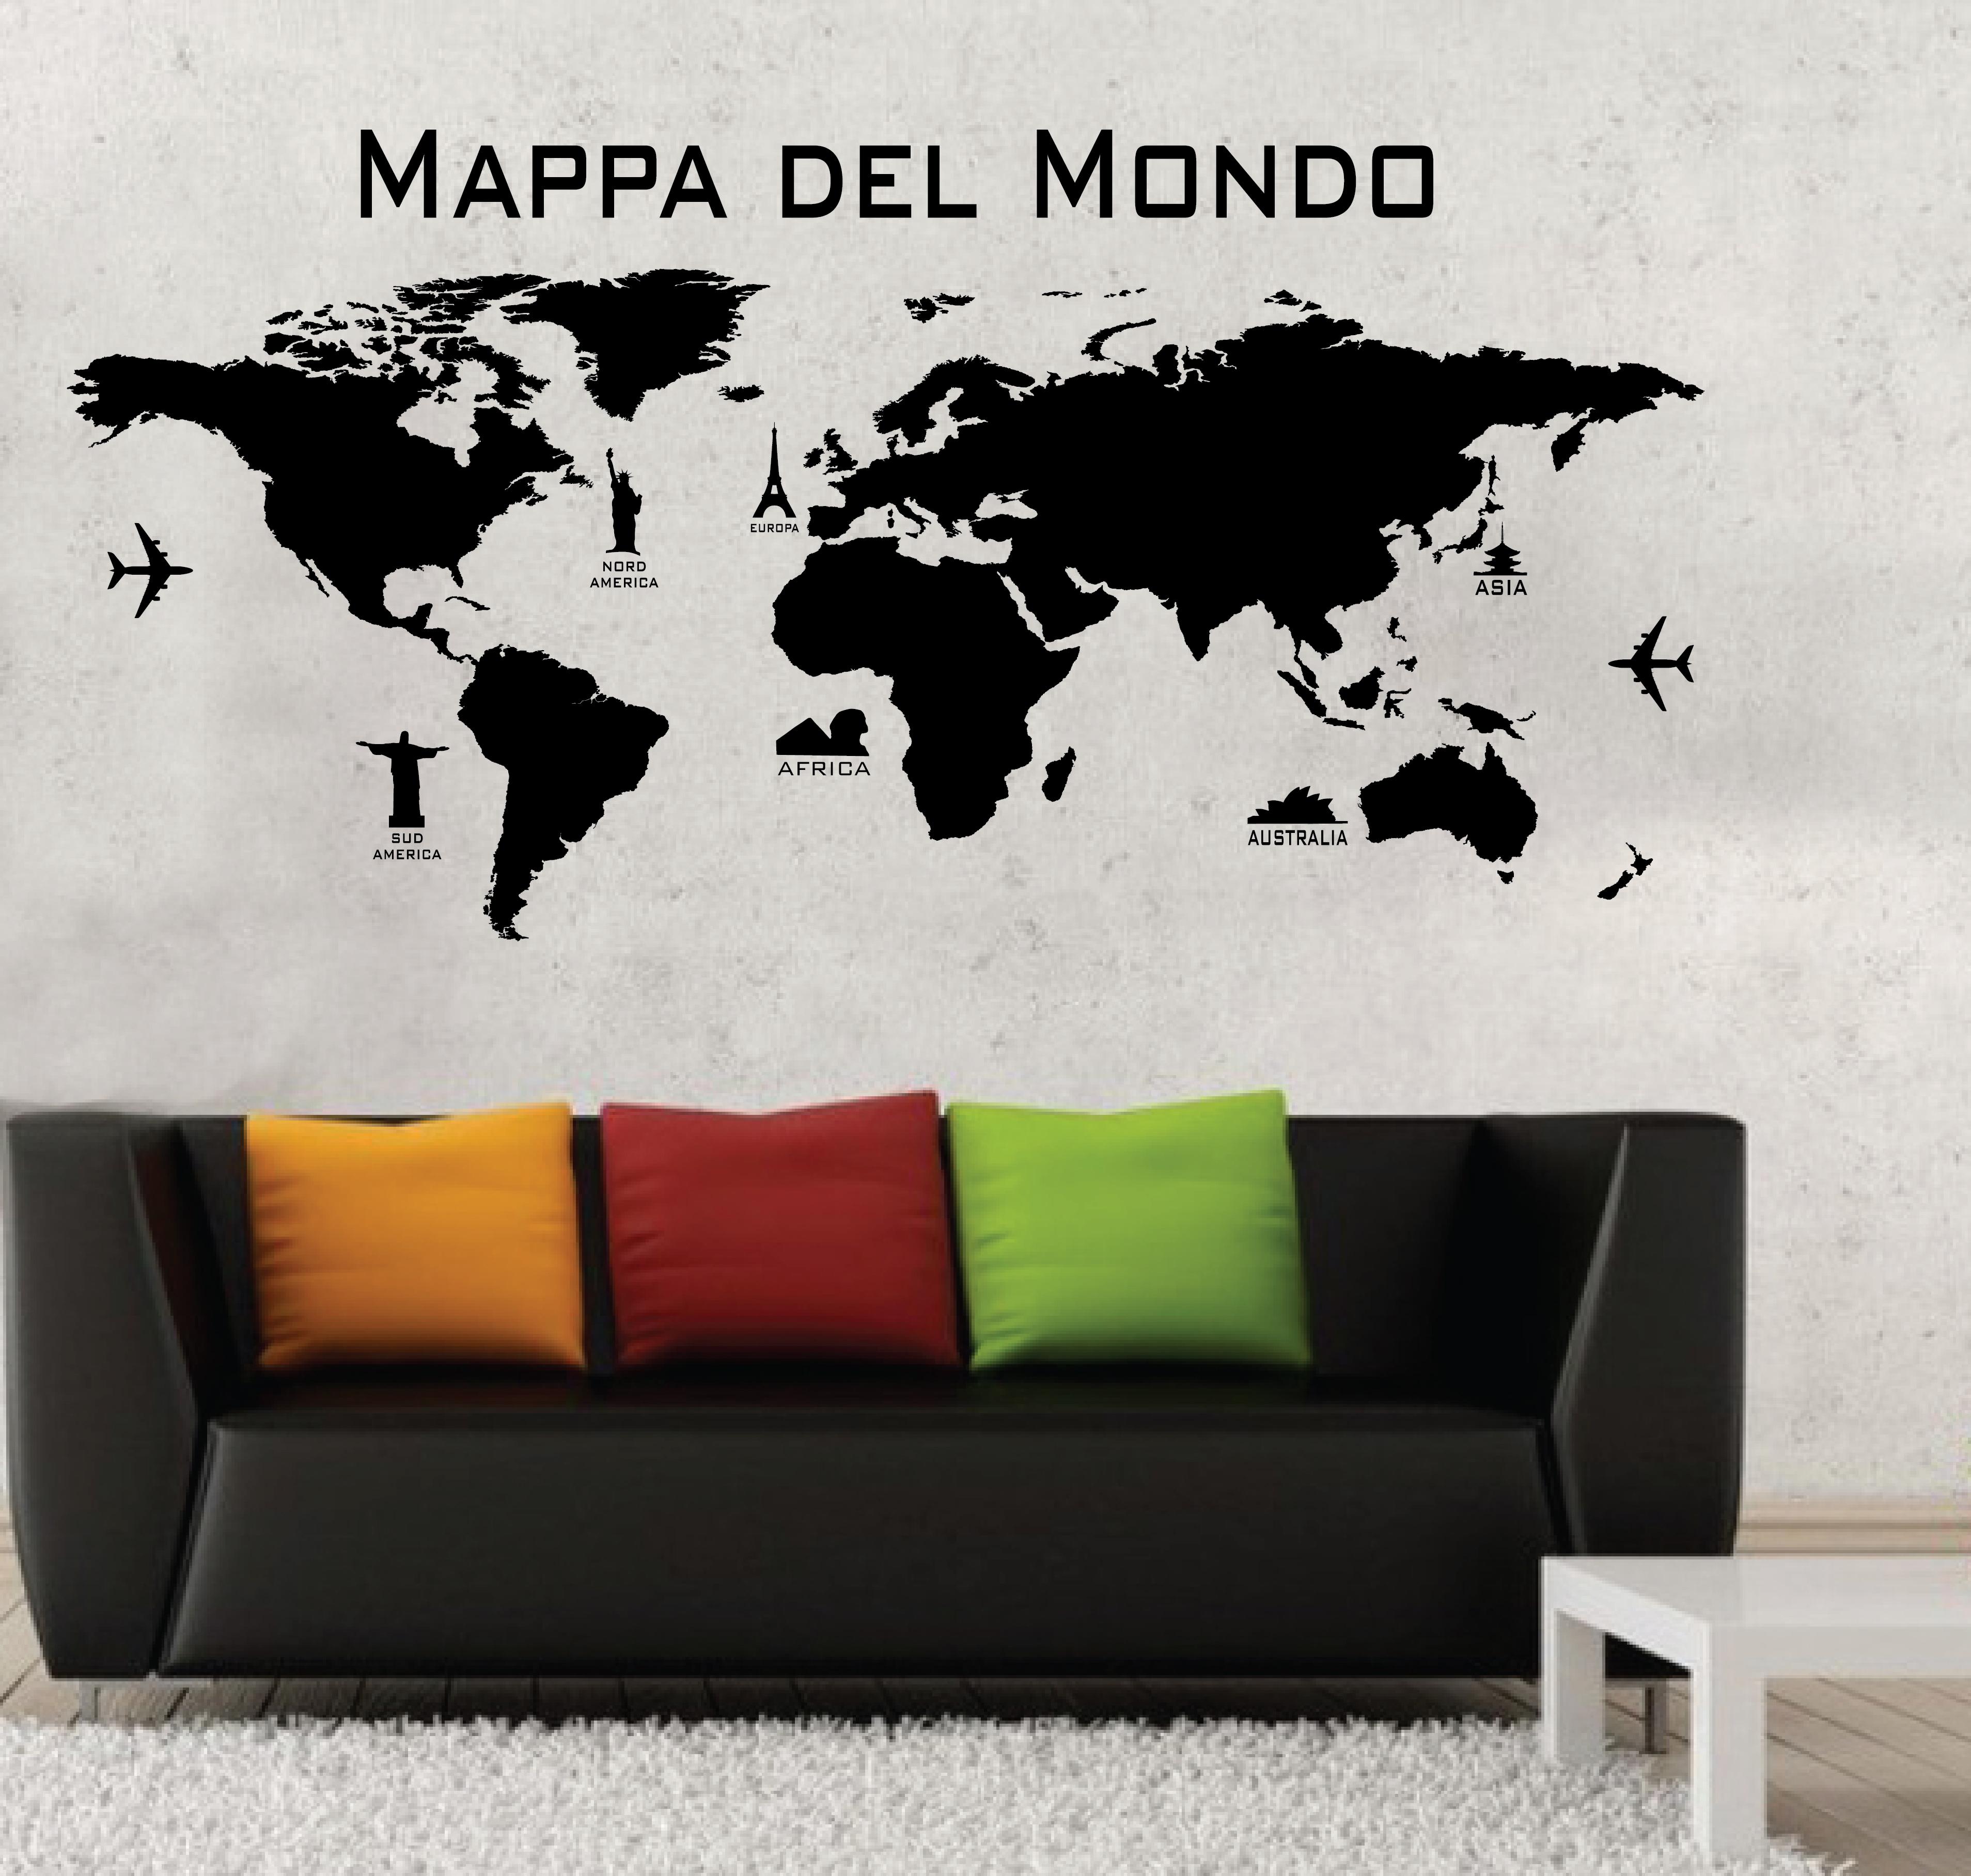 Wall stickers adesivi murali mappa del mondo cartina world for Carta parete adesiva